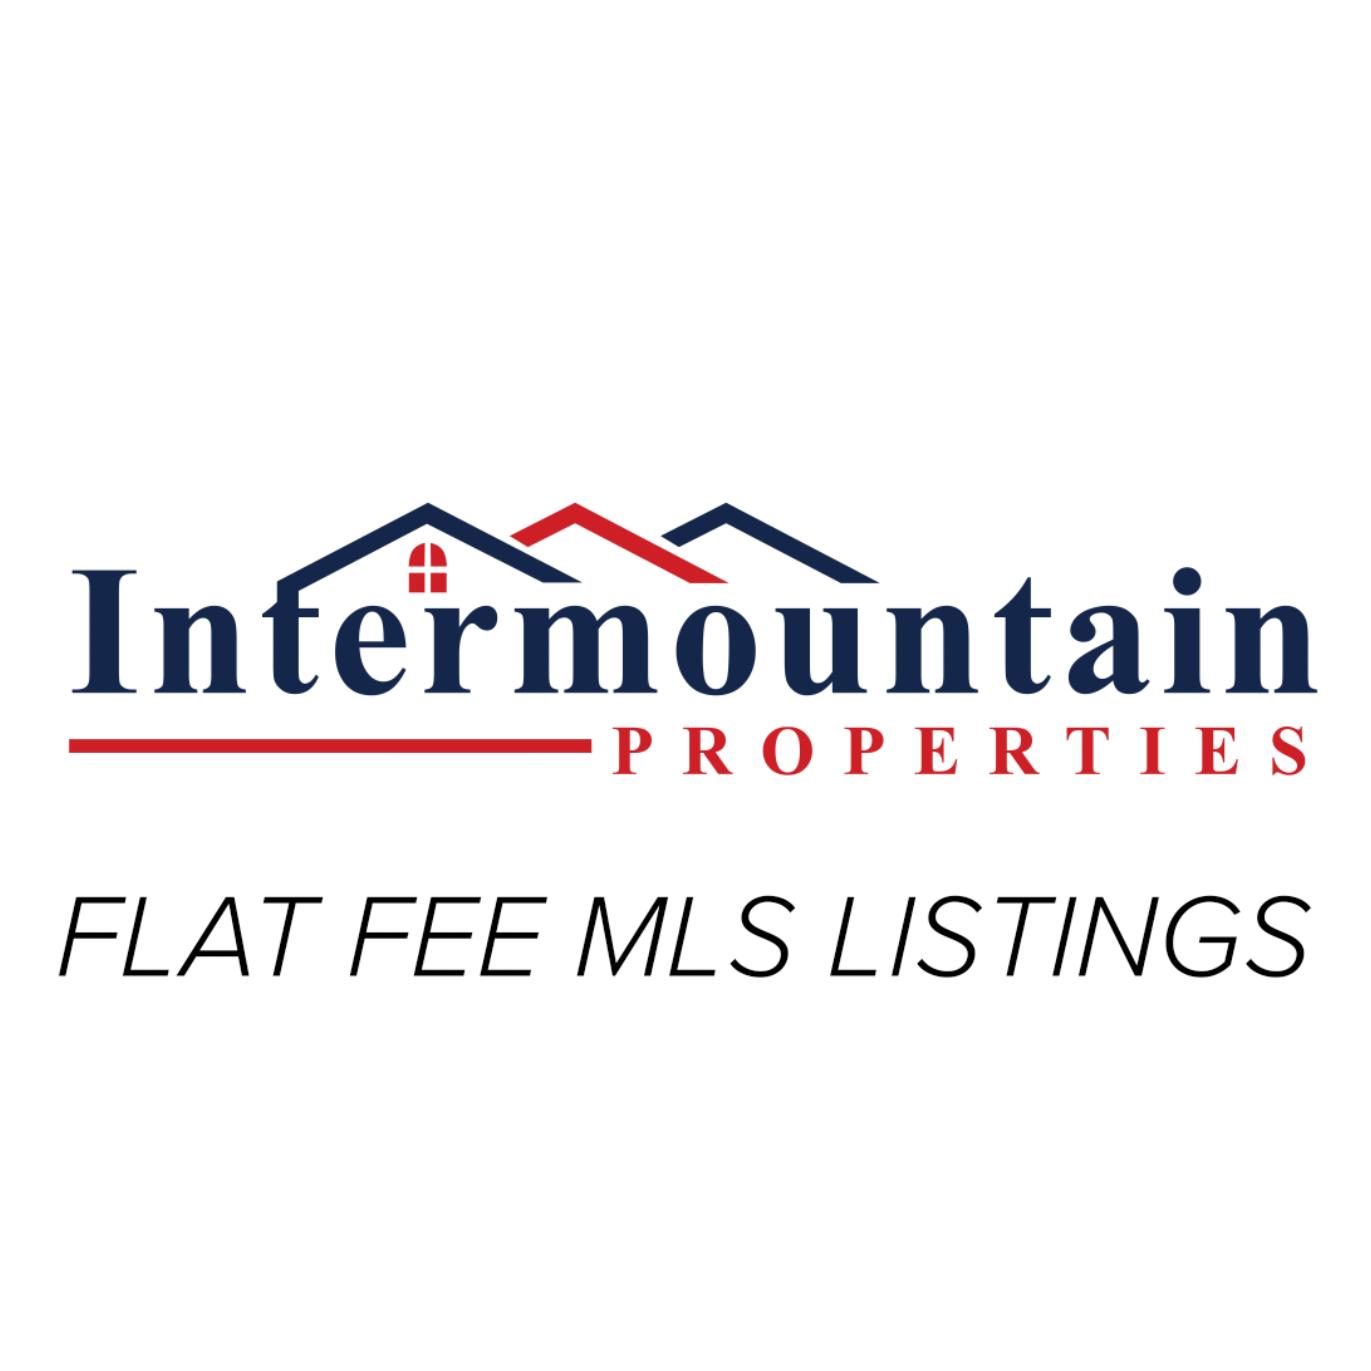 Intermountain Properties image 1